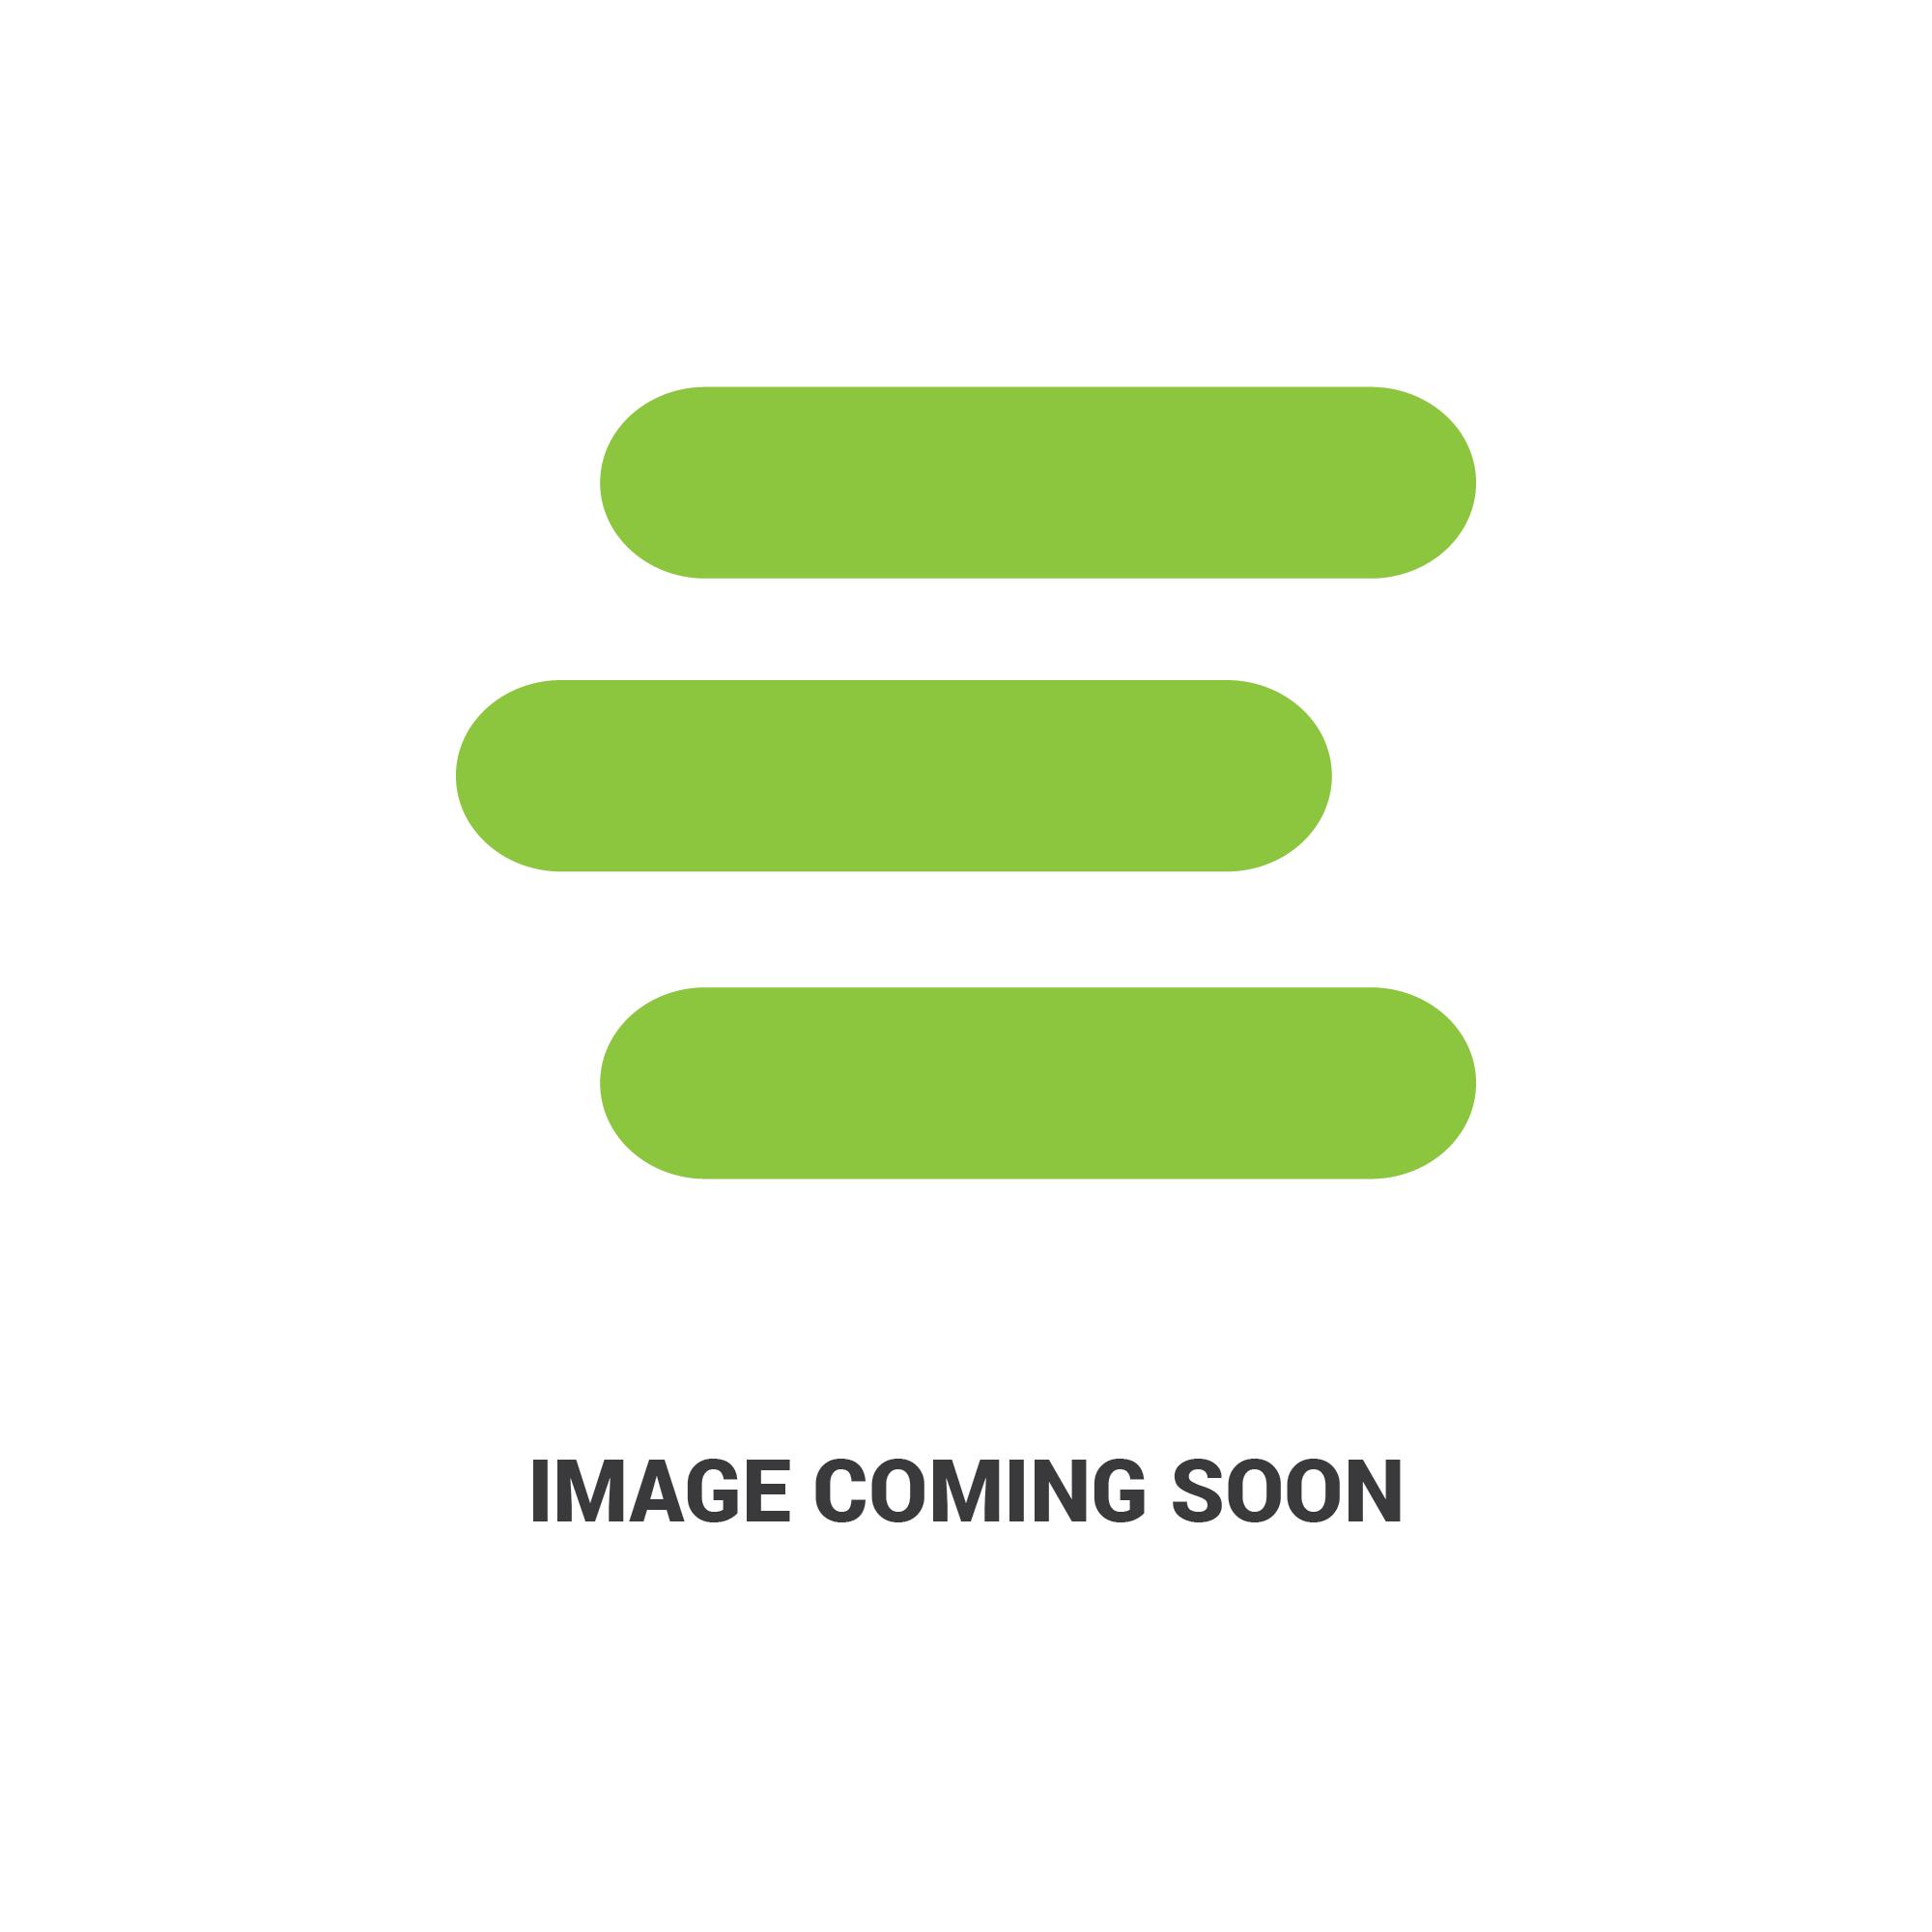 E-36919-52870ag1001916.jpg